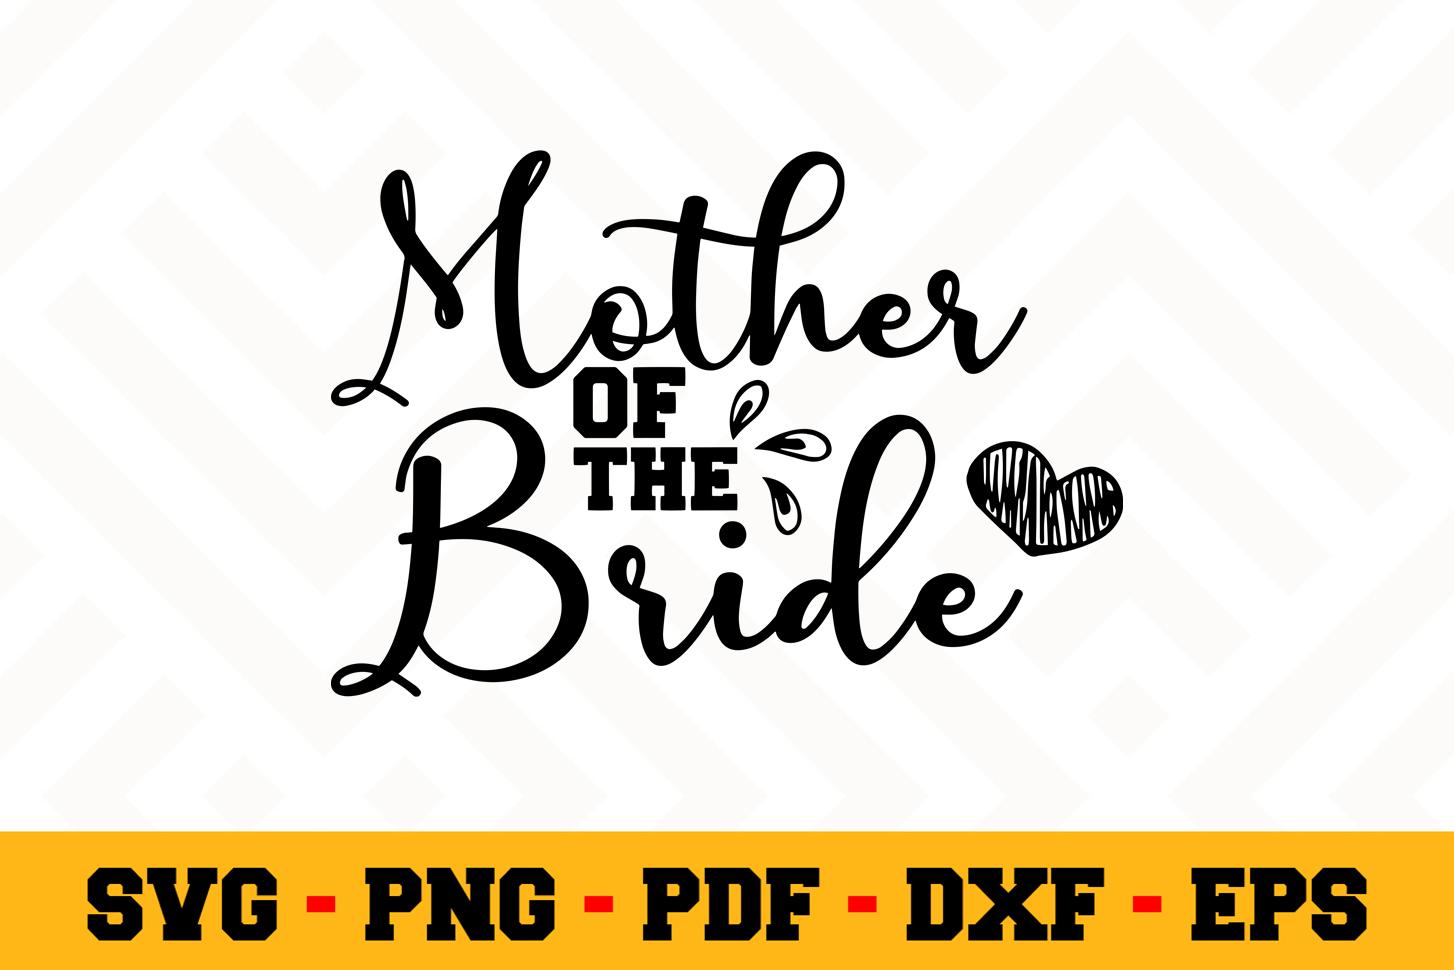 Bride SVG Design n634 | Wedding SVG Cut File example image 1